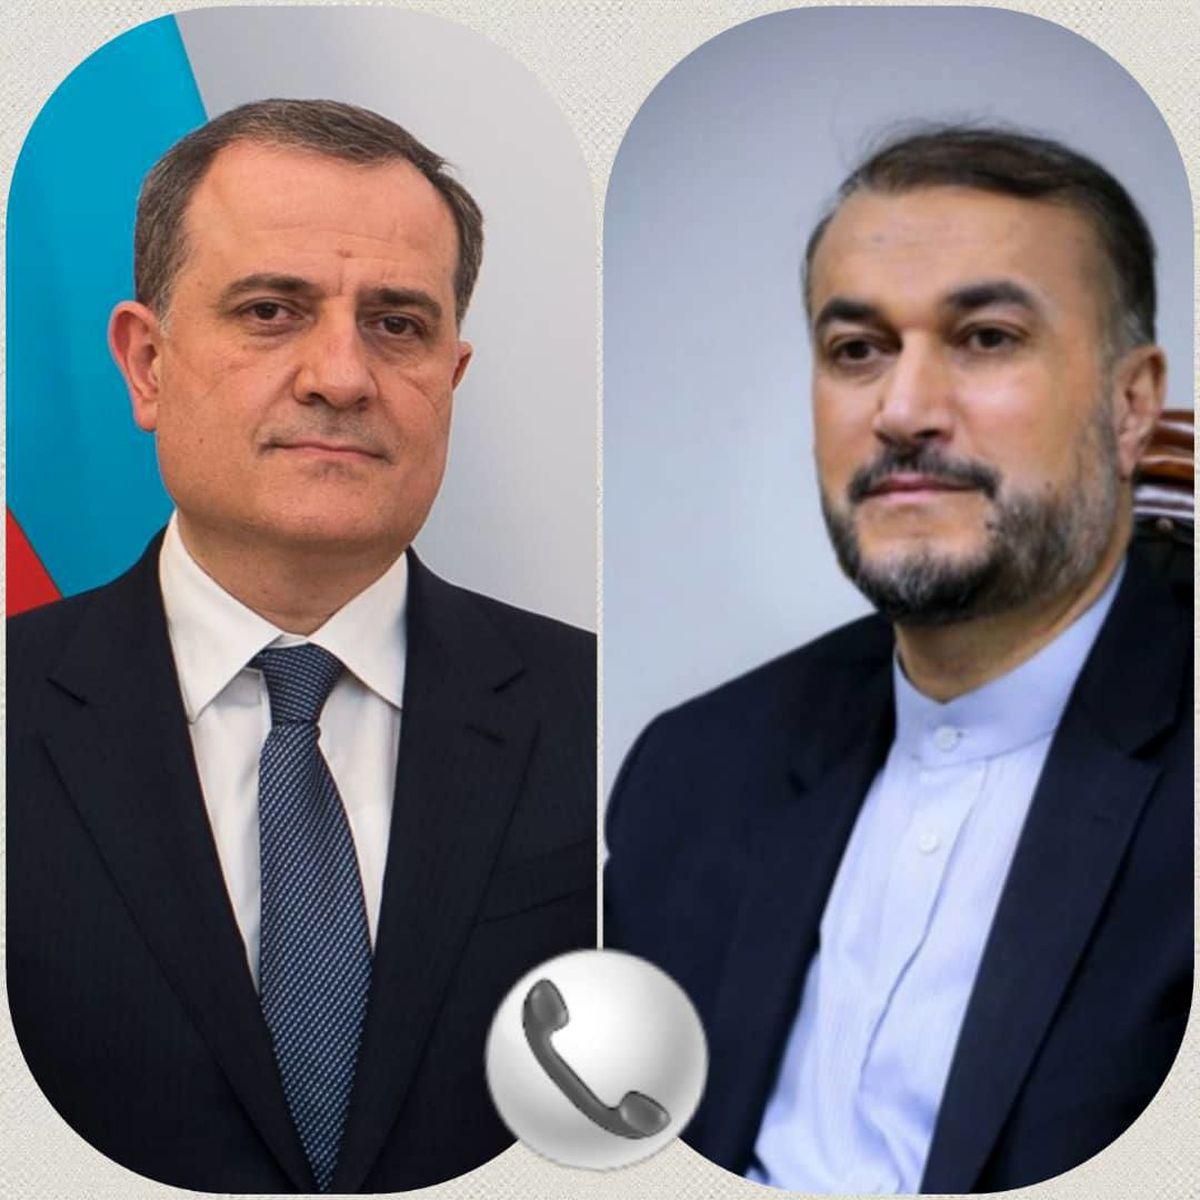 تمجید از آزادی دو راننده ایرانی بازداشتی در جمهوری آذربایجان/ تردد کامیونهای ایرانی در مناطق مرزی تسهیل شود